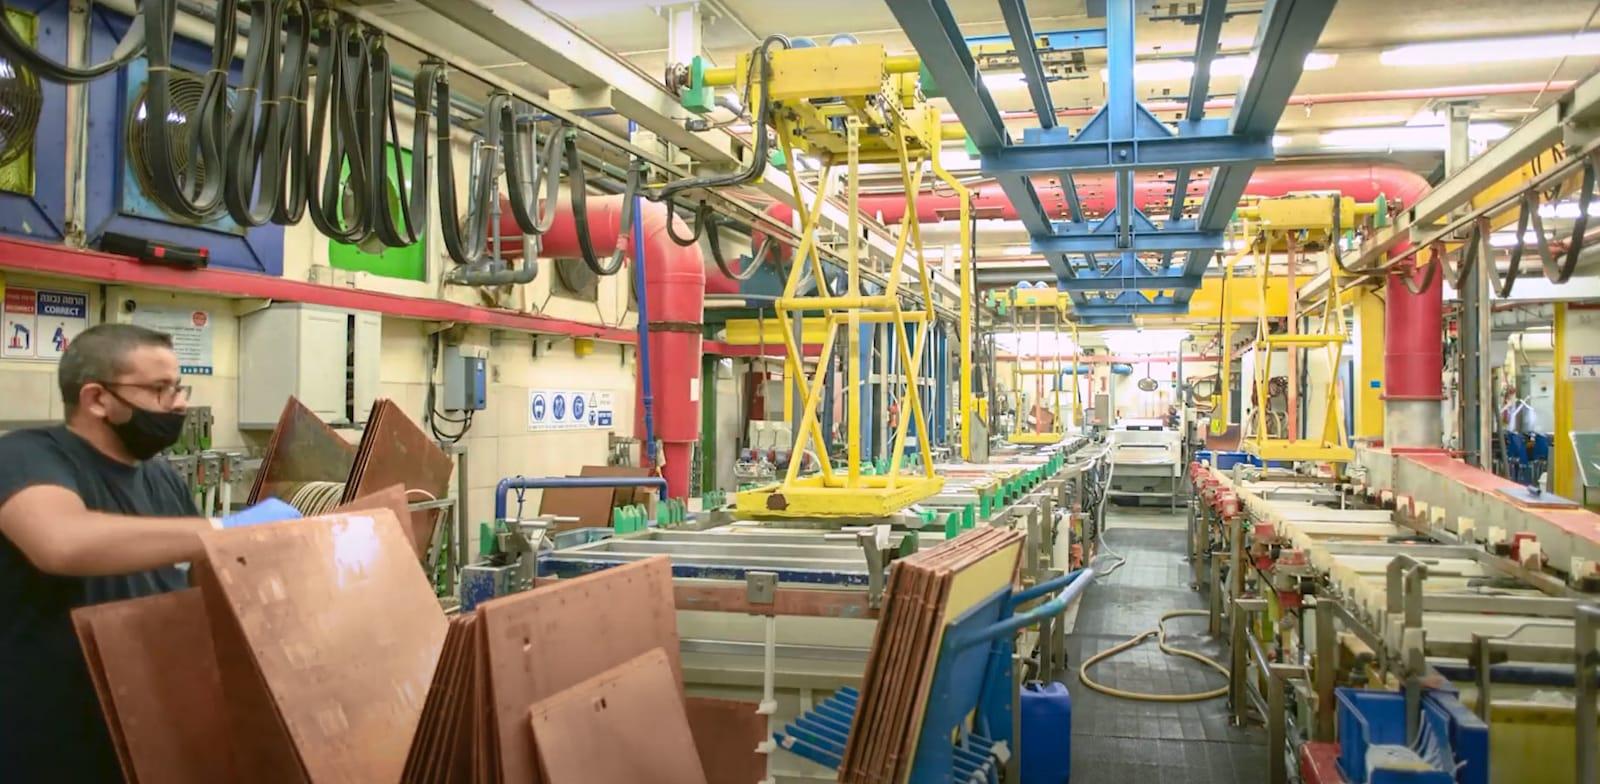 מפעל חברת פי.סי.בי טכנולוגיות / צילום: מתוך סרטון יוטיוב של PCB Technologies